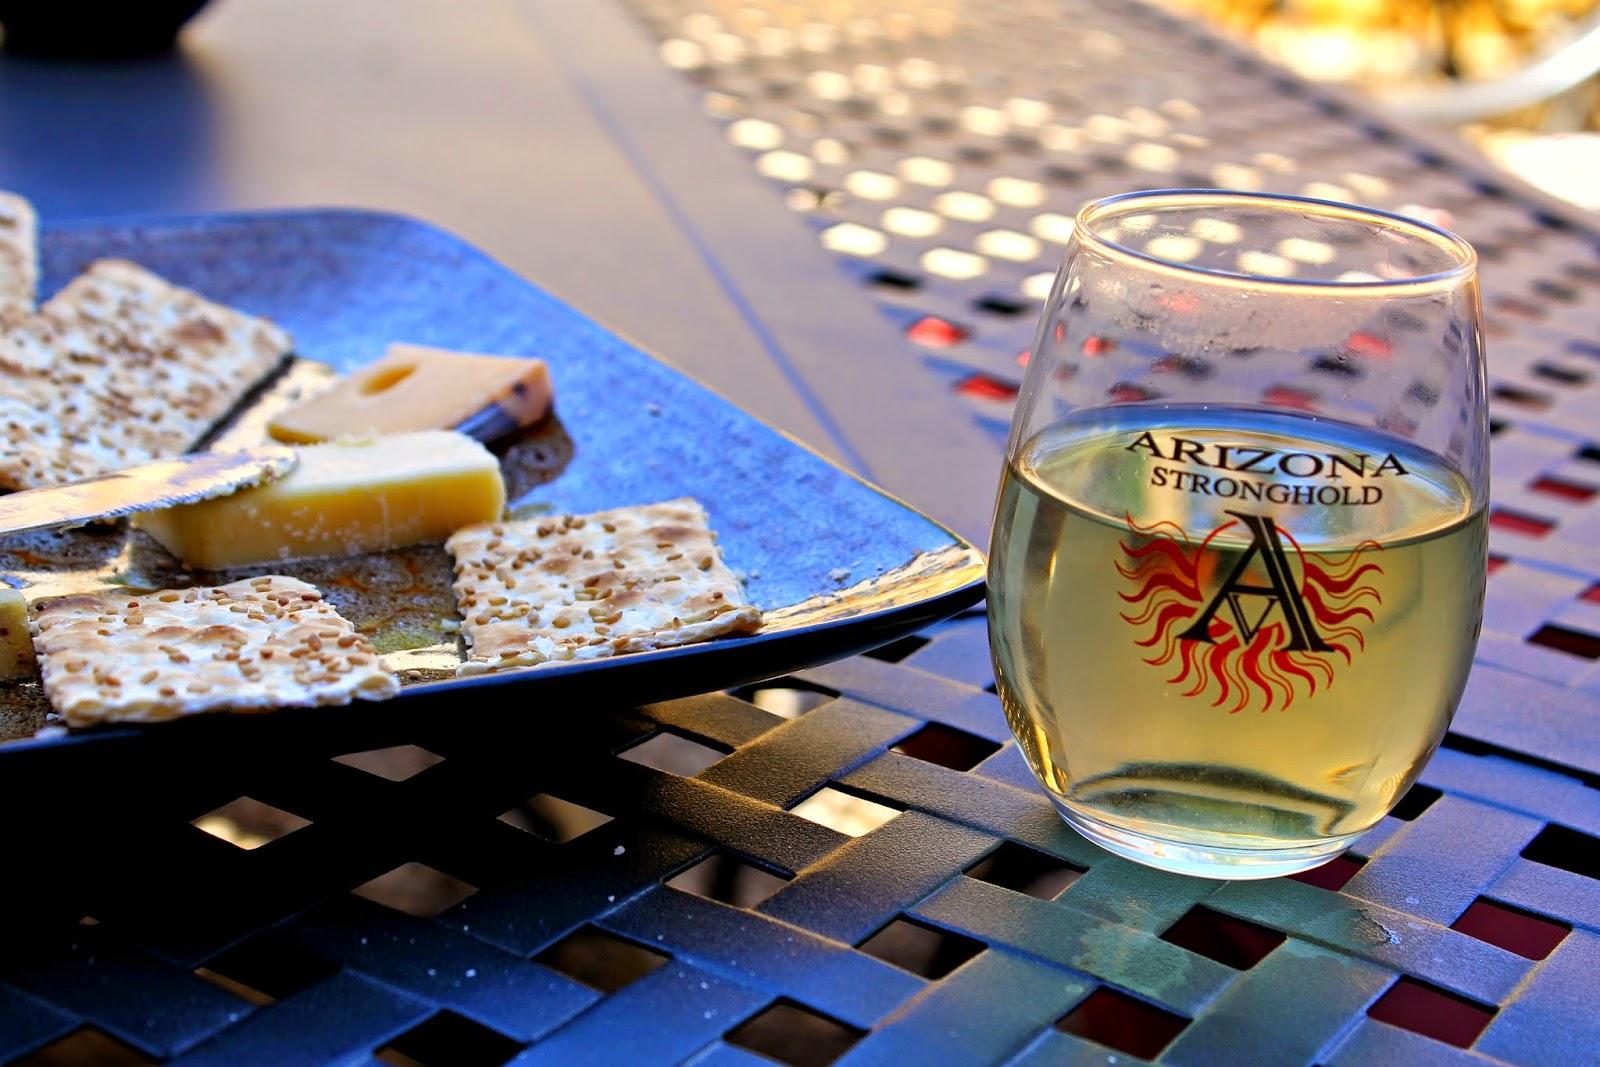 Arizona Stronghold Winery #Travel